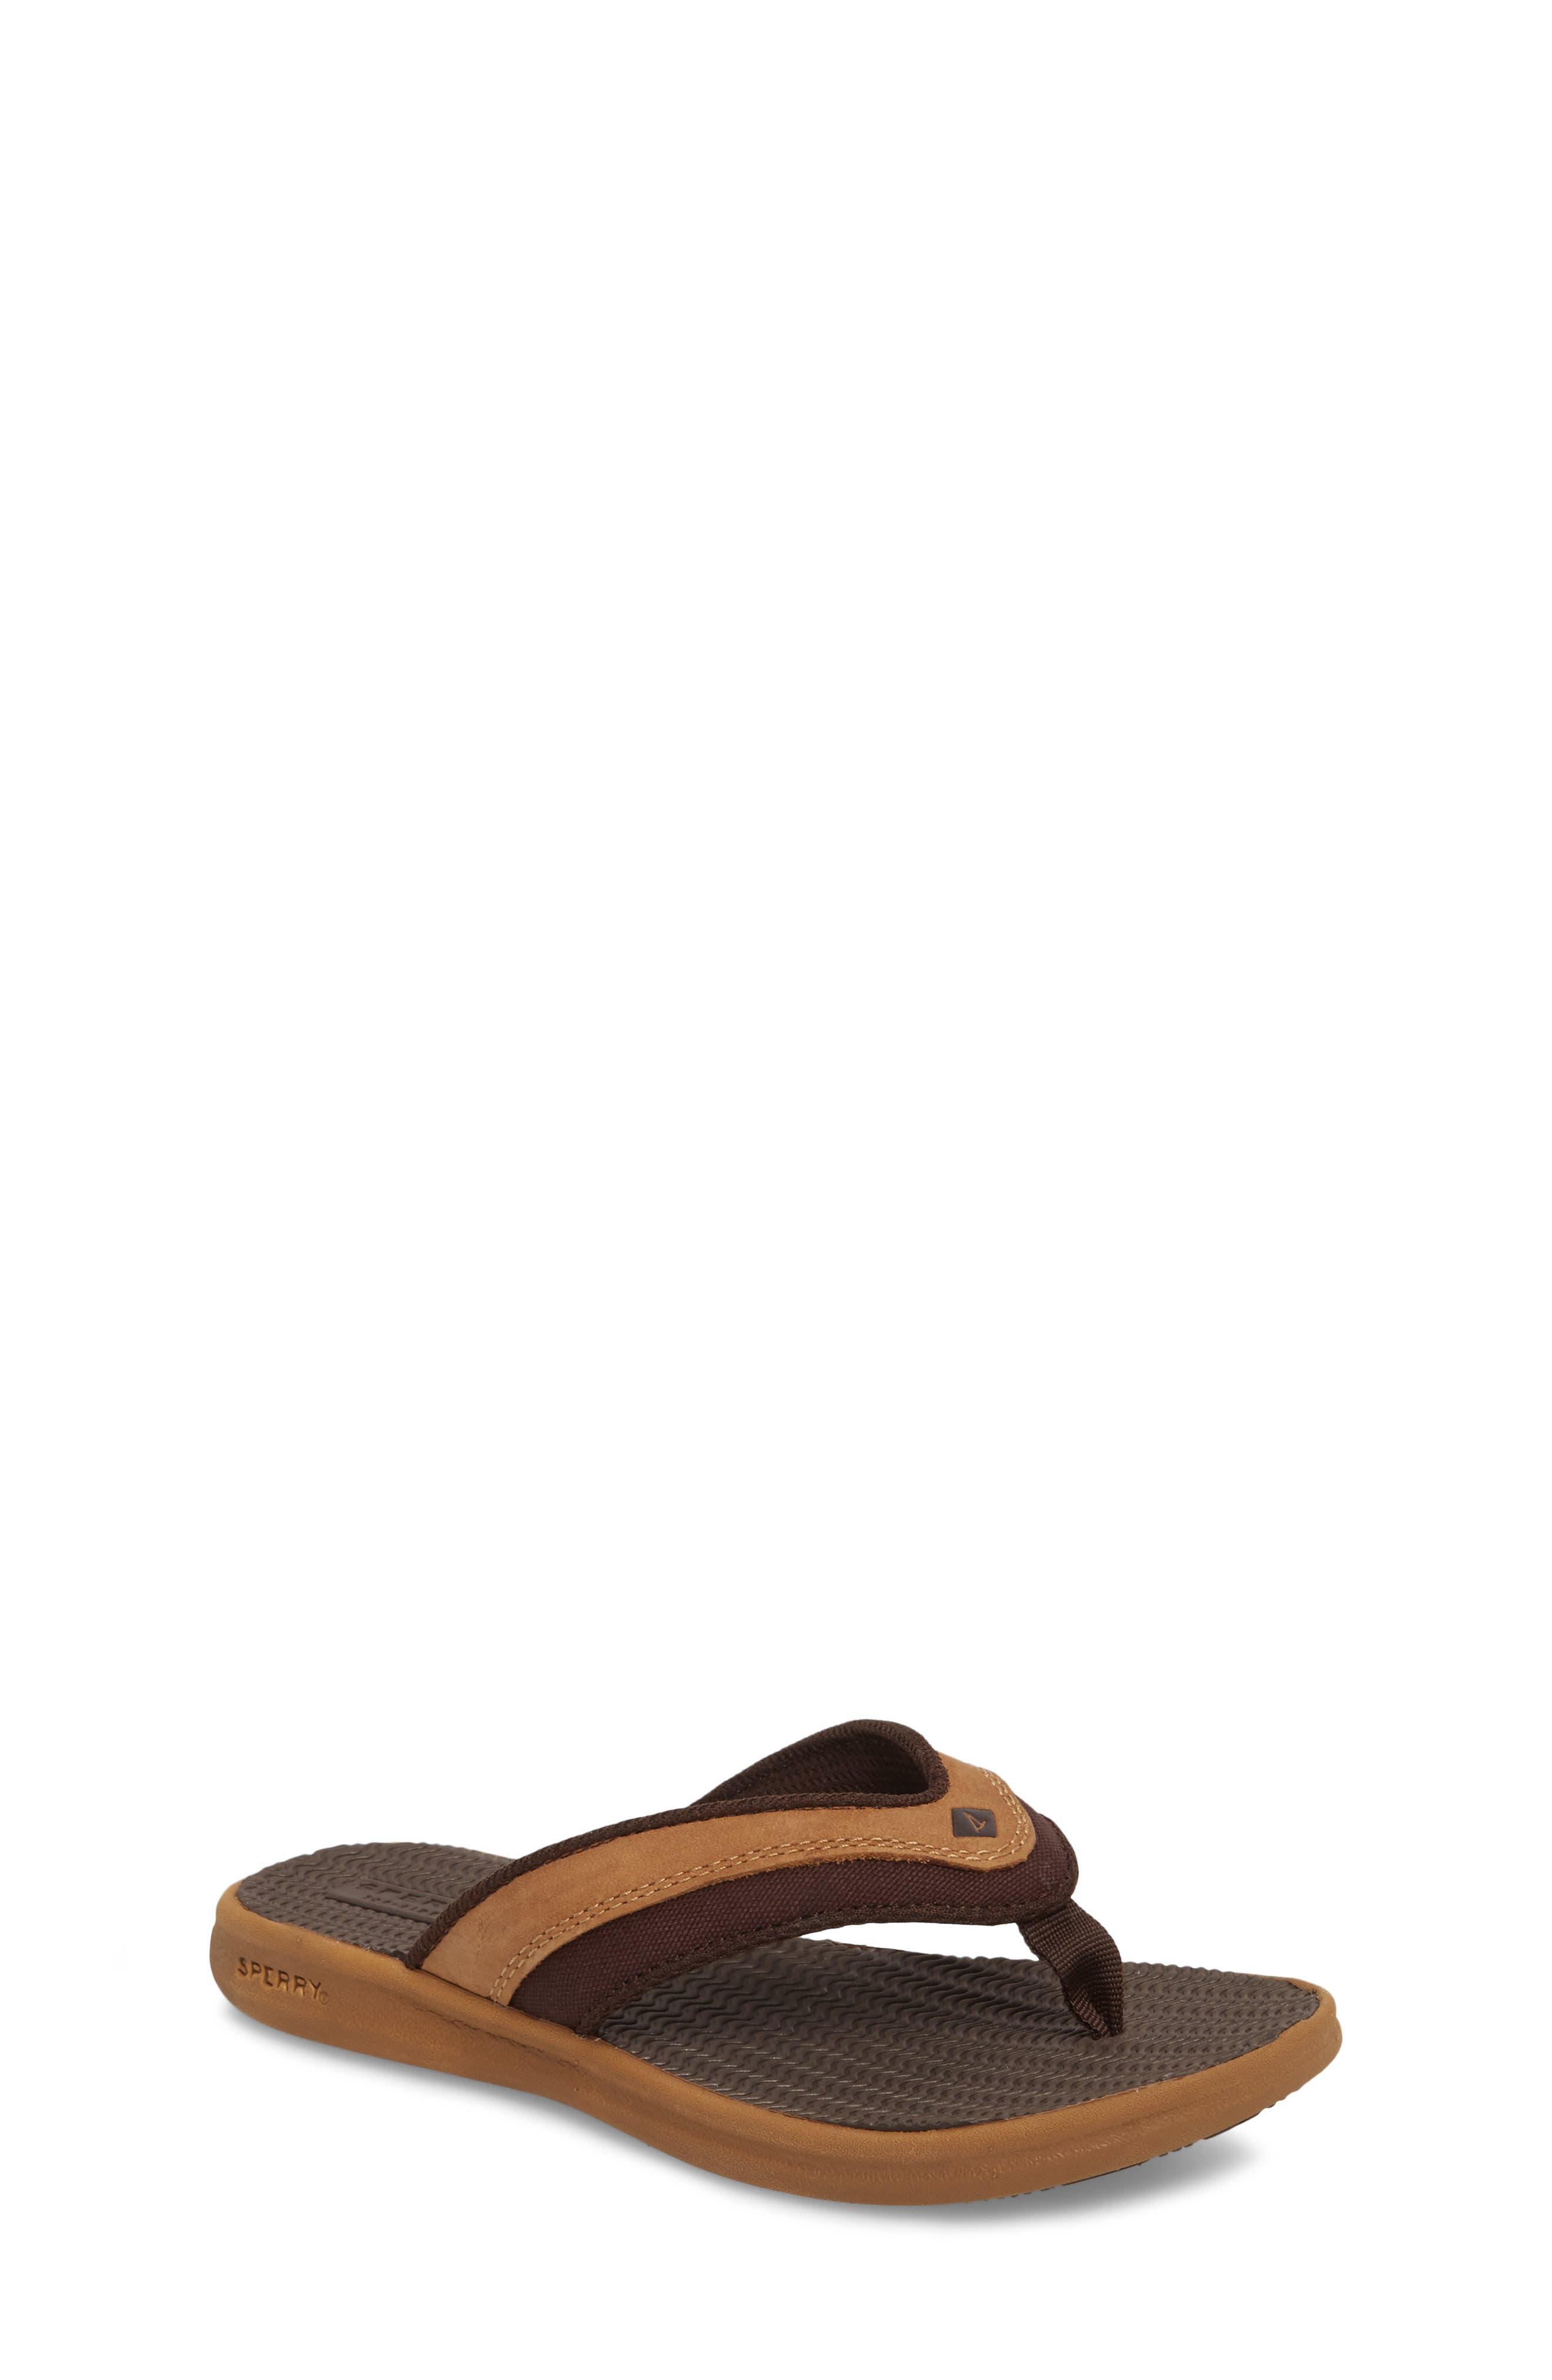 Gamefish Thong Sandal,                         Main,                         color, Dark Tan